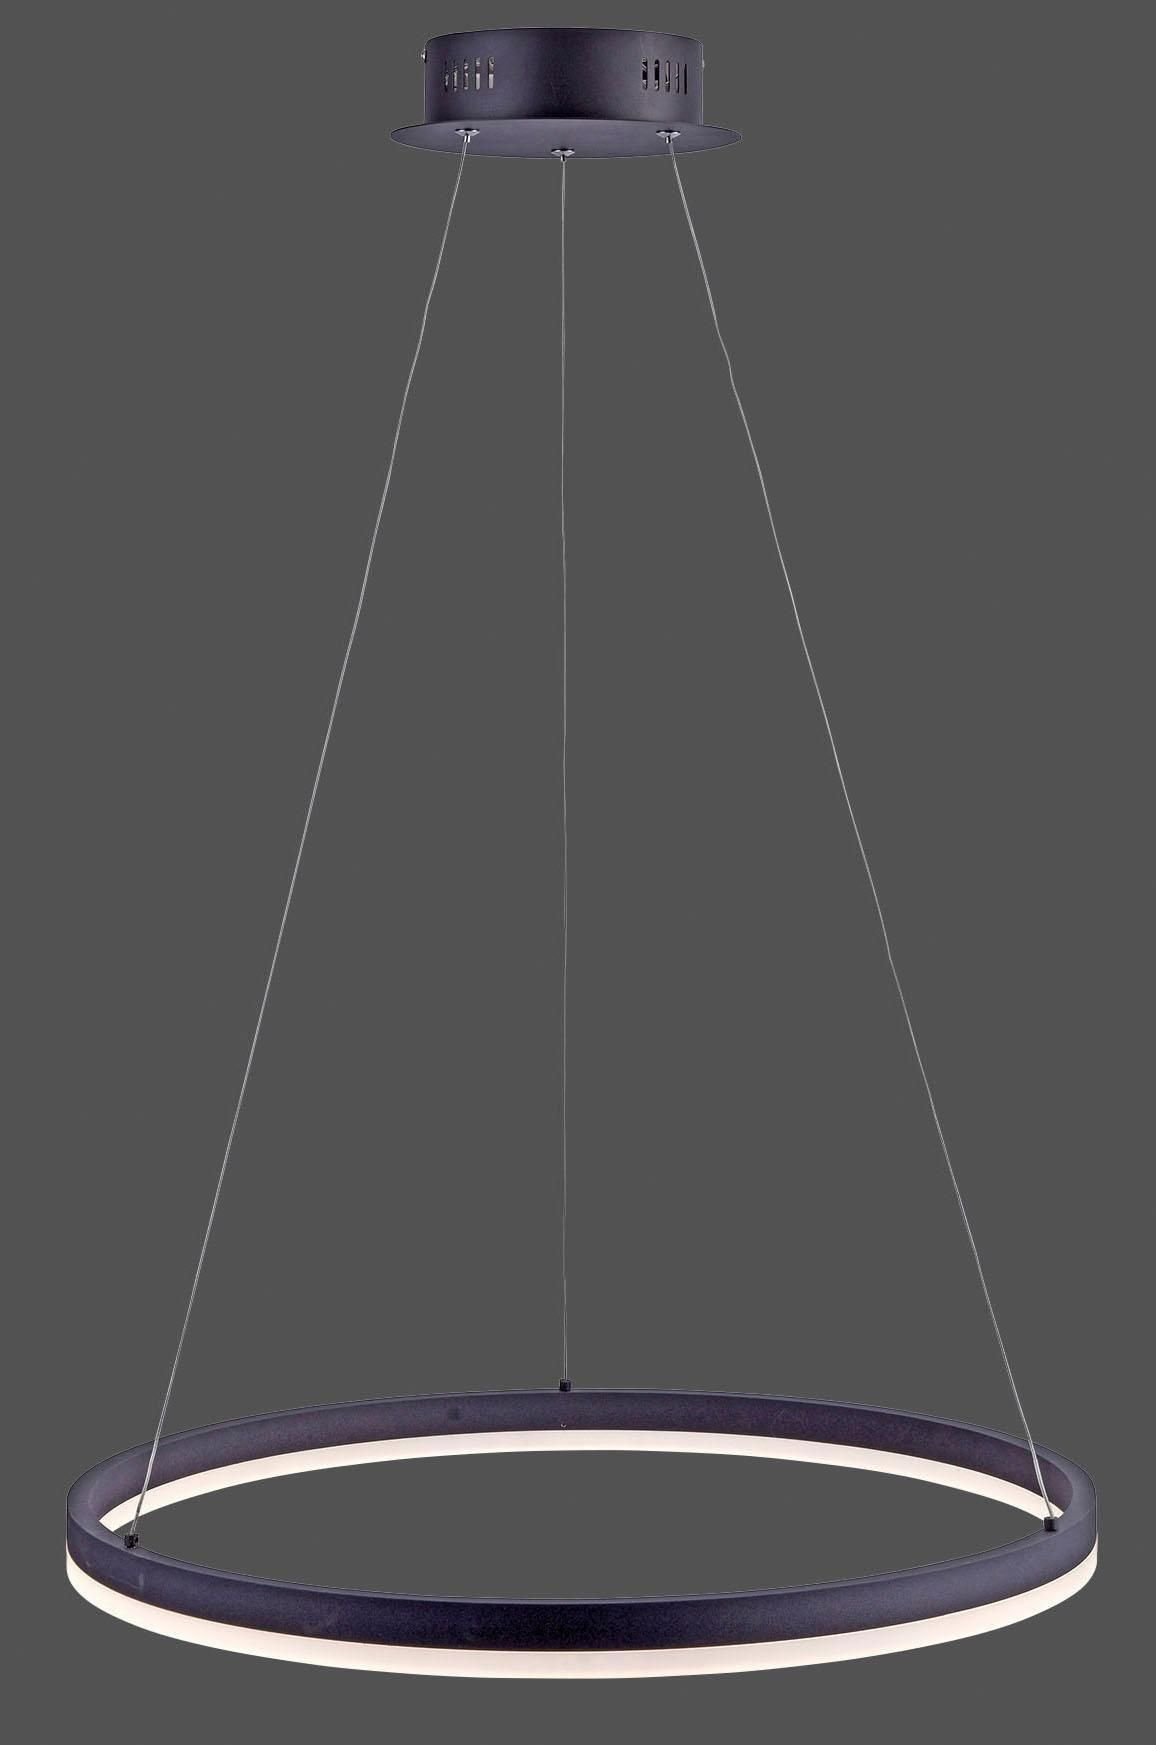 Full Size of Moderne Hängelampen Esstische Modernes Sofa Landhausküche Bett 180x200 Deckenleuchte Wohnzimmer Bilder Fürs Duschen Wohnzimmer Moderne Hängelampen